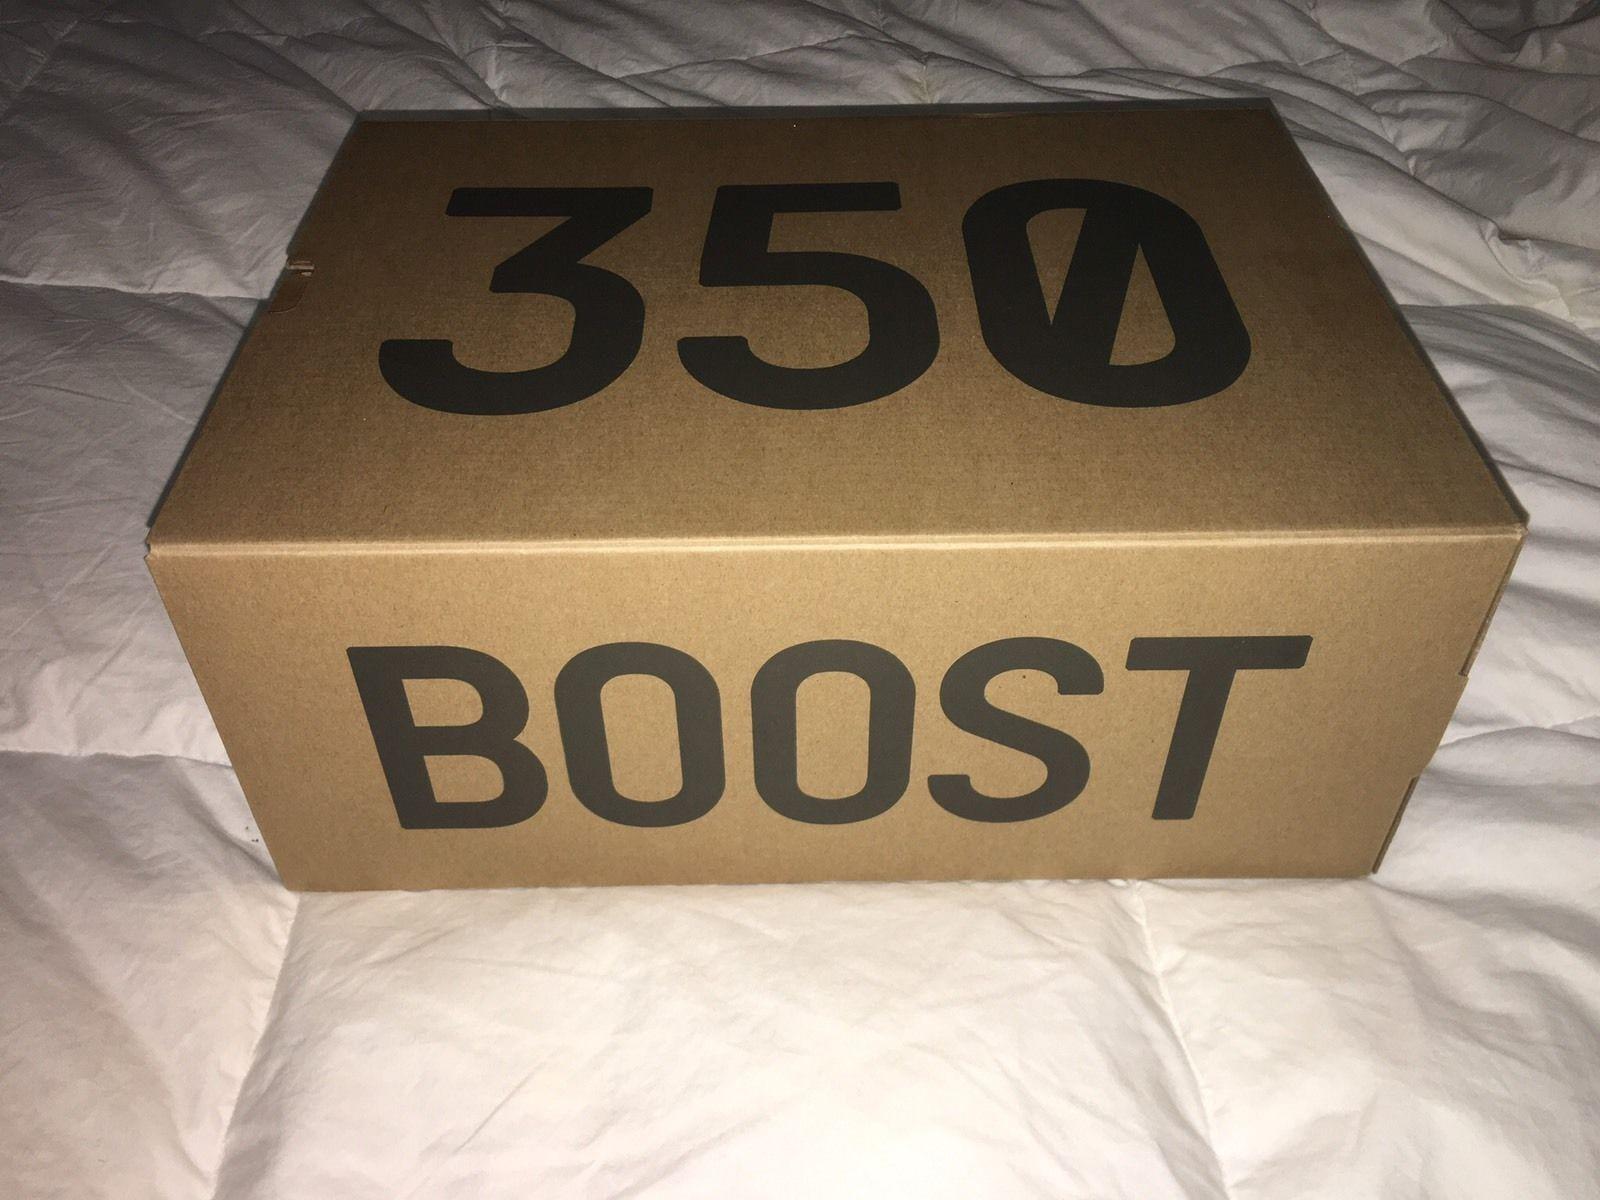 adidas us yeezy 350 v2